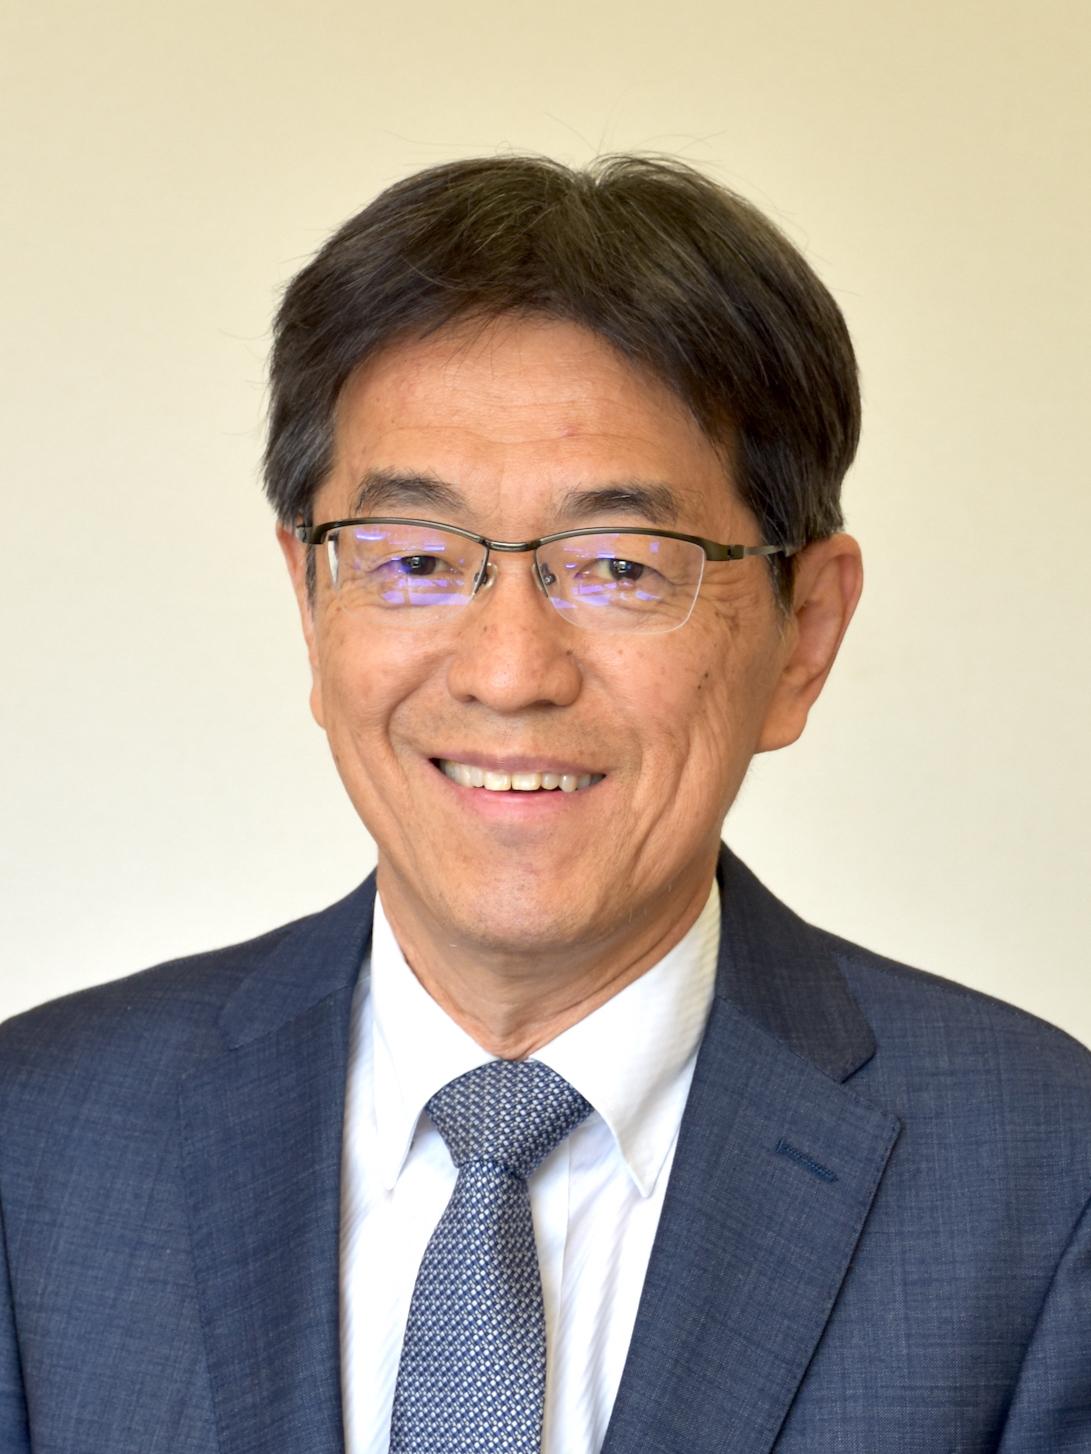 民谷昌弘 株式会社アクアネット 代表取締役社長